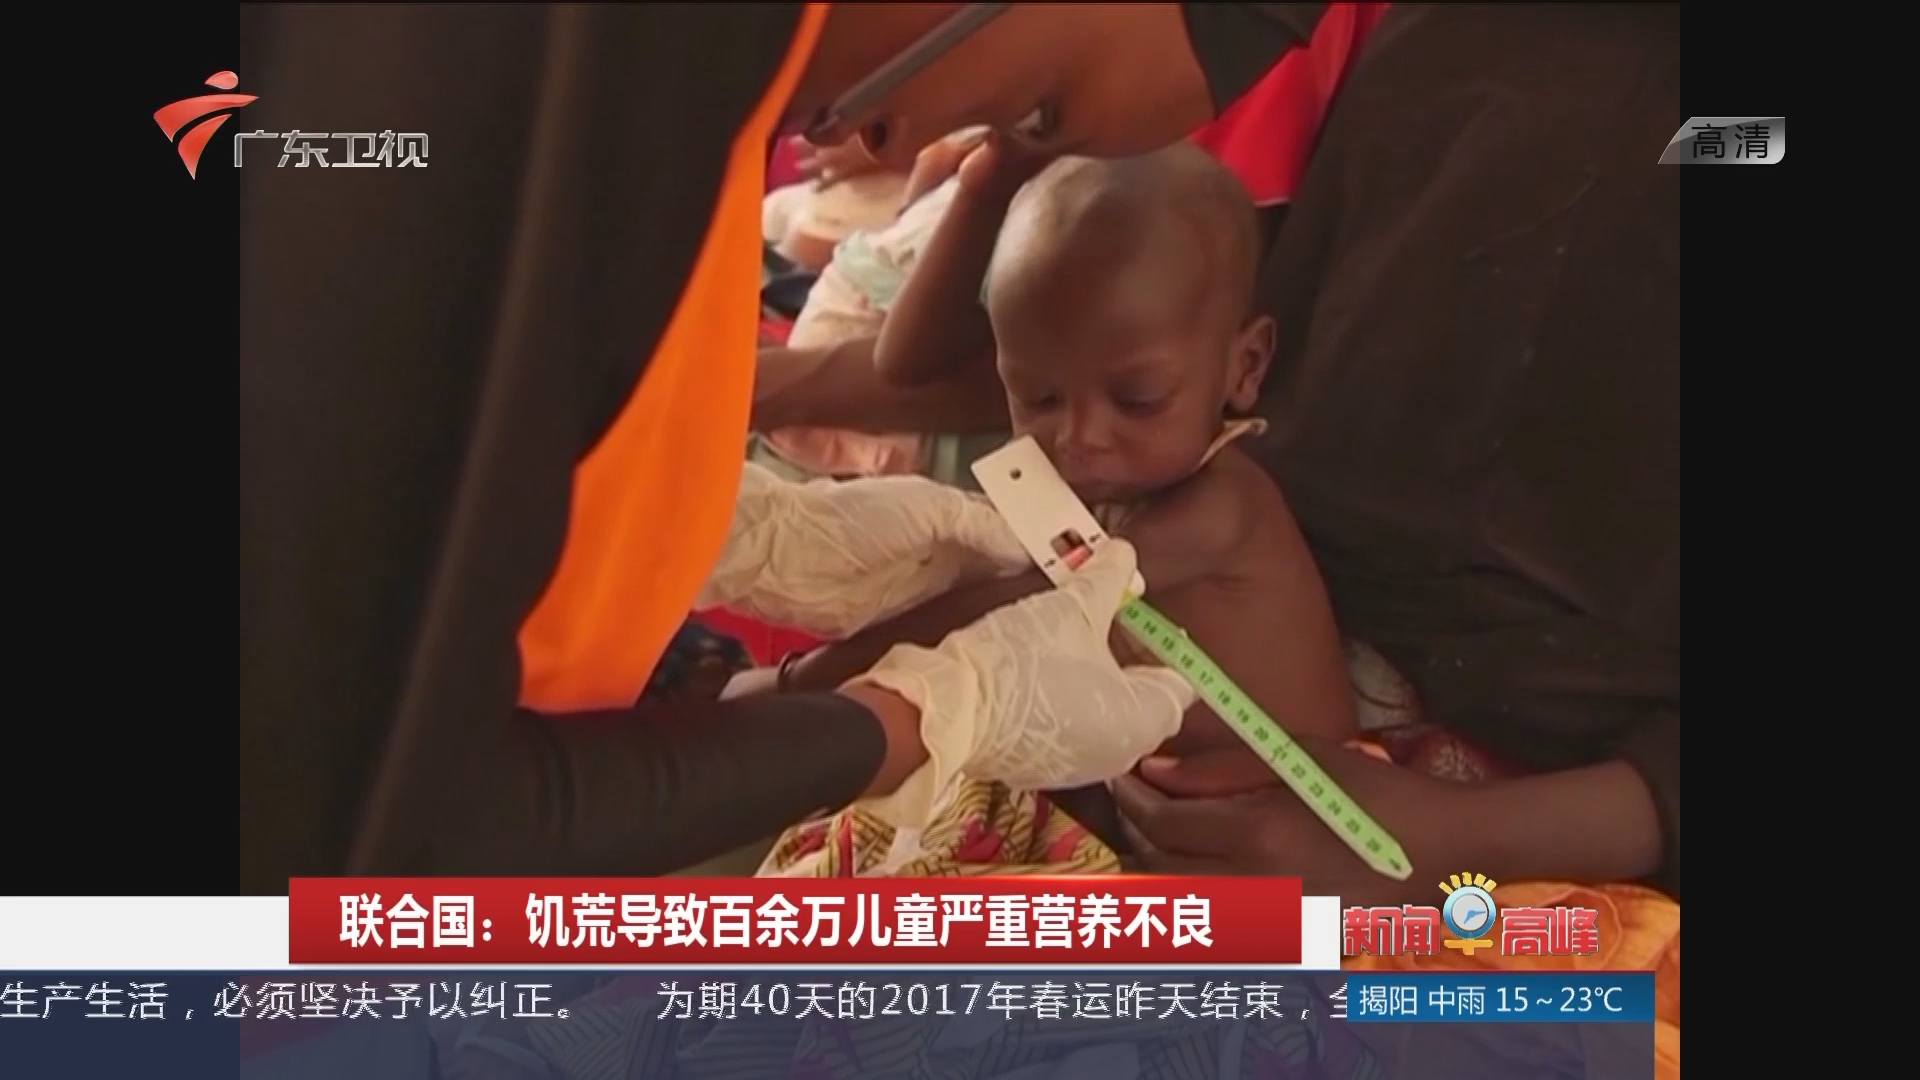 联合国:饥荒导致百余万儿童严重营养不良